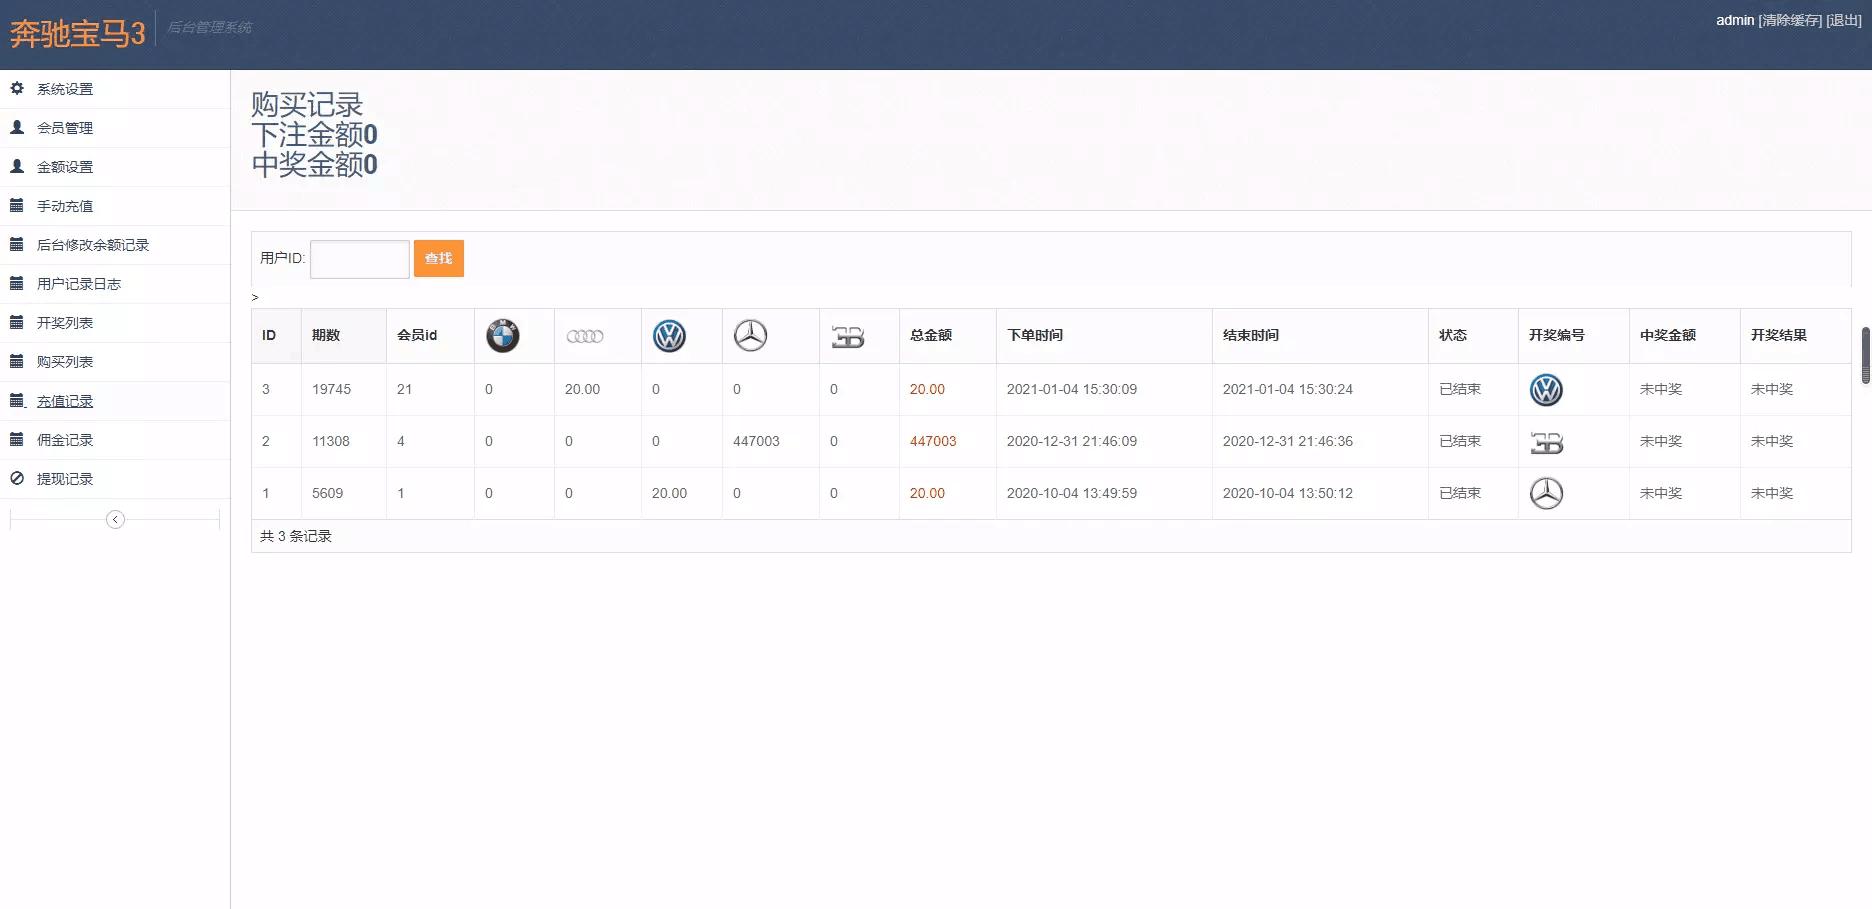 【亲测】H5奔驰宝马完整最新修复运营级源码 推广正常+上下级正常 支持无限回调 已对接支付 棋牌源码 第4张